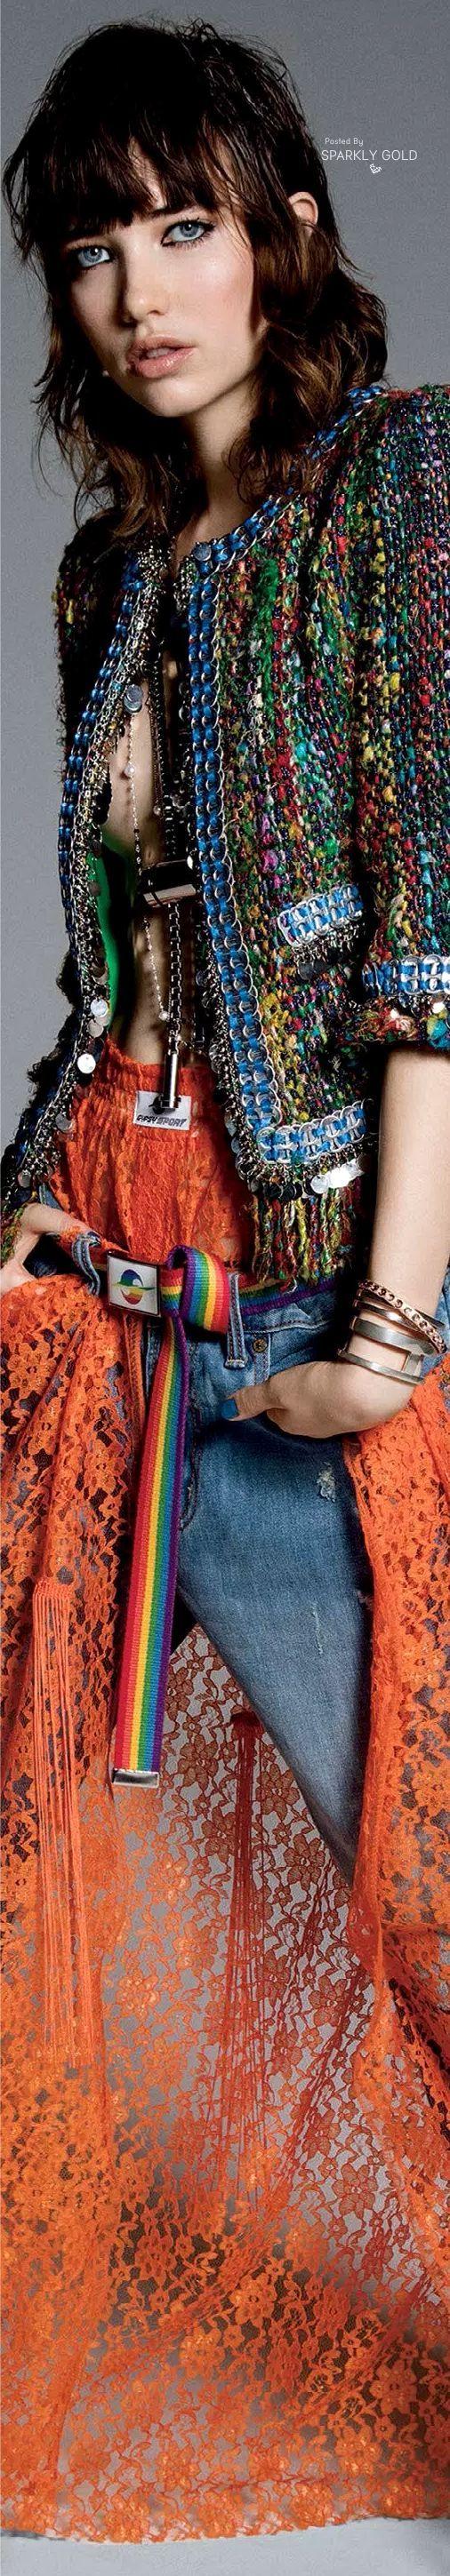 Grace Hartzel/Vogue Apr 17